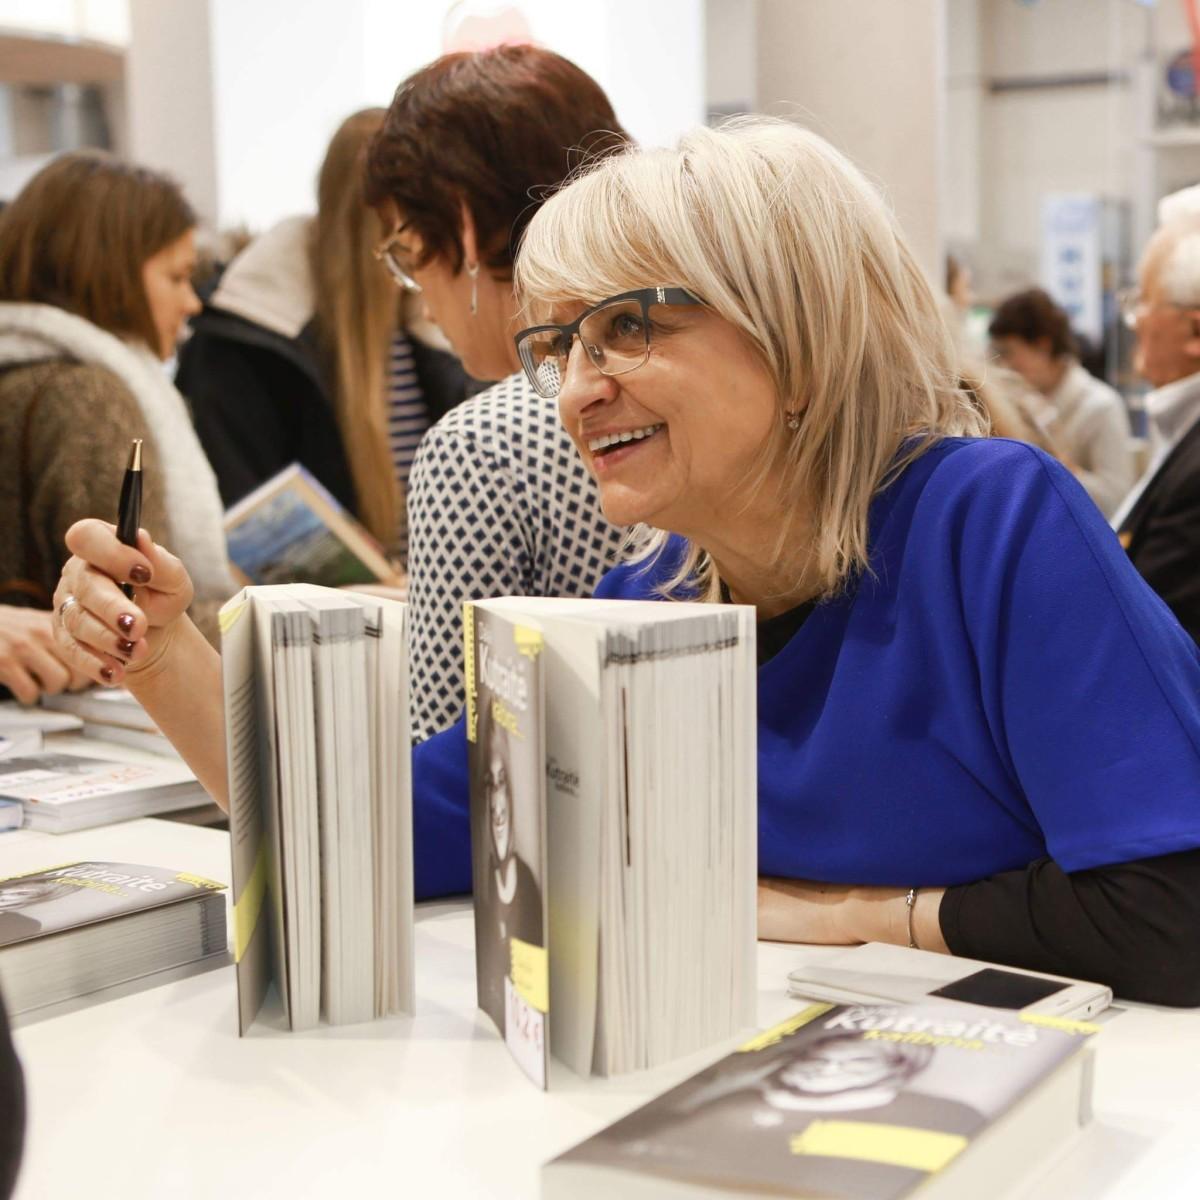 Vos ne kasmet D. Kutraitė pristato savo naują knygą Knygų mugėje. Asmeninio archyvo nuotr.